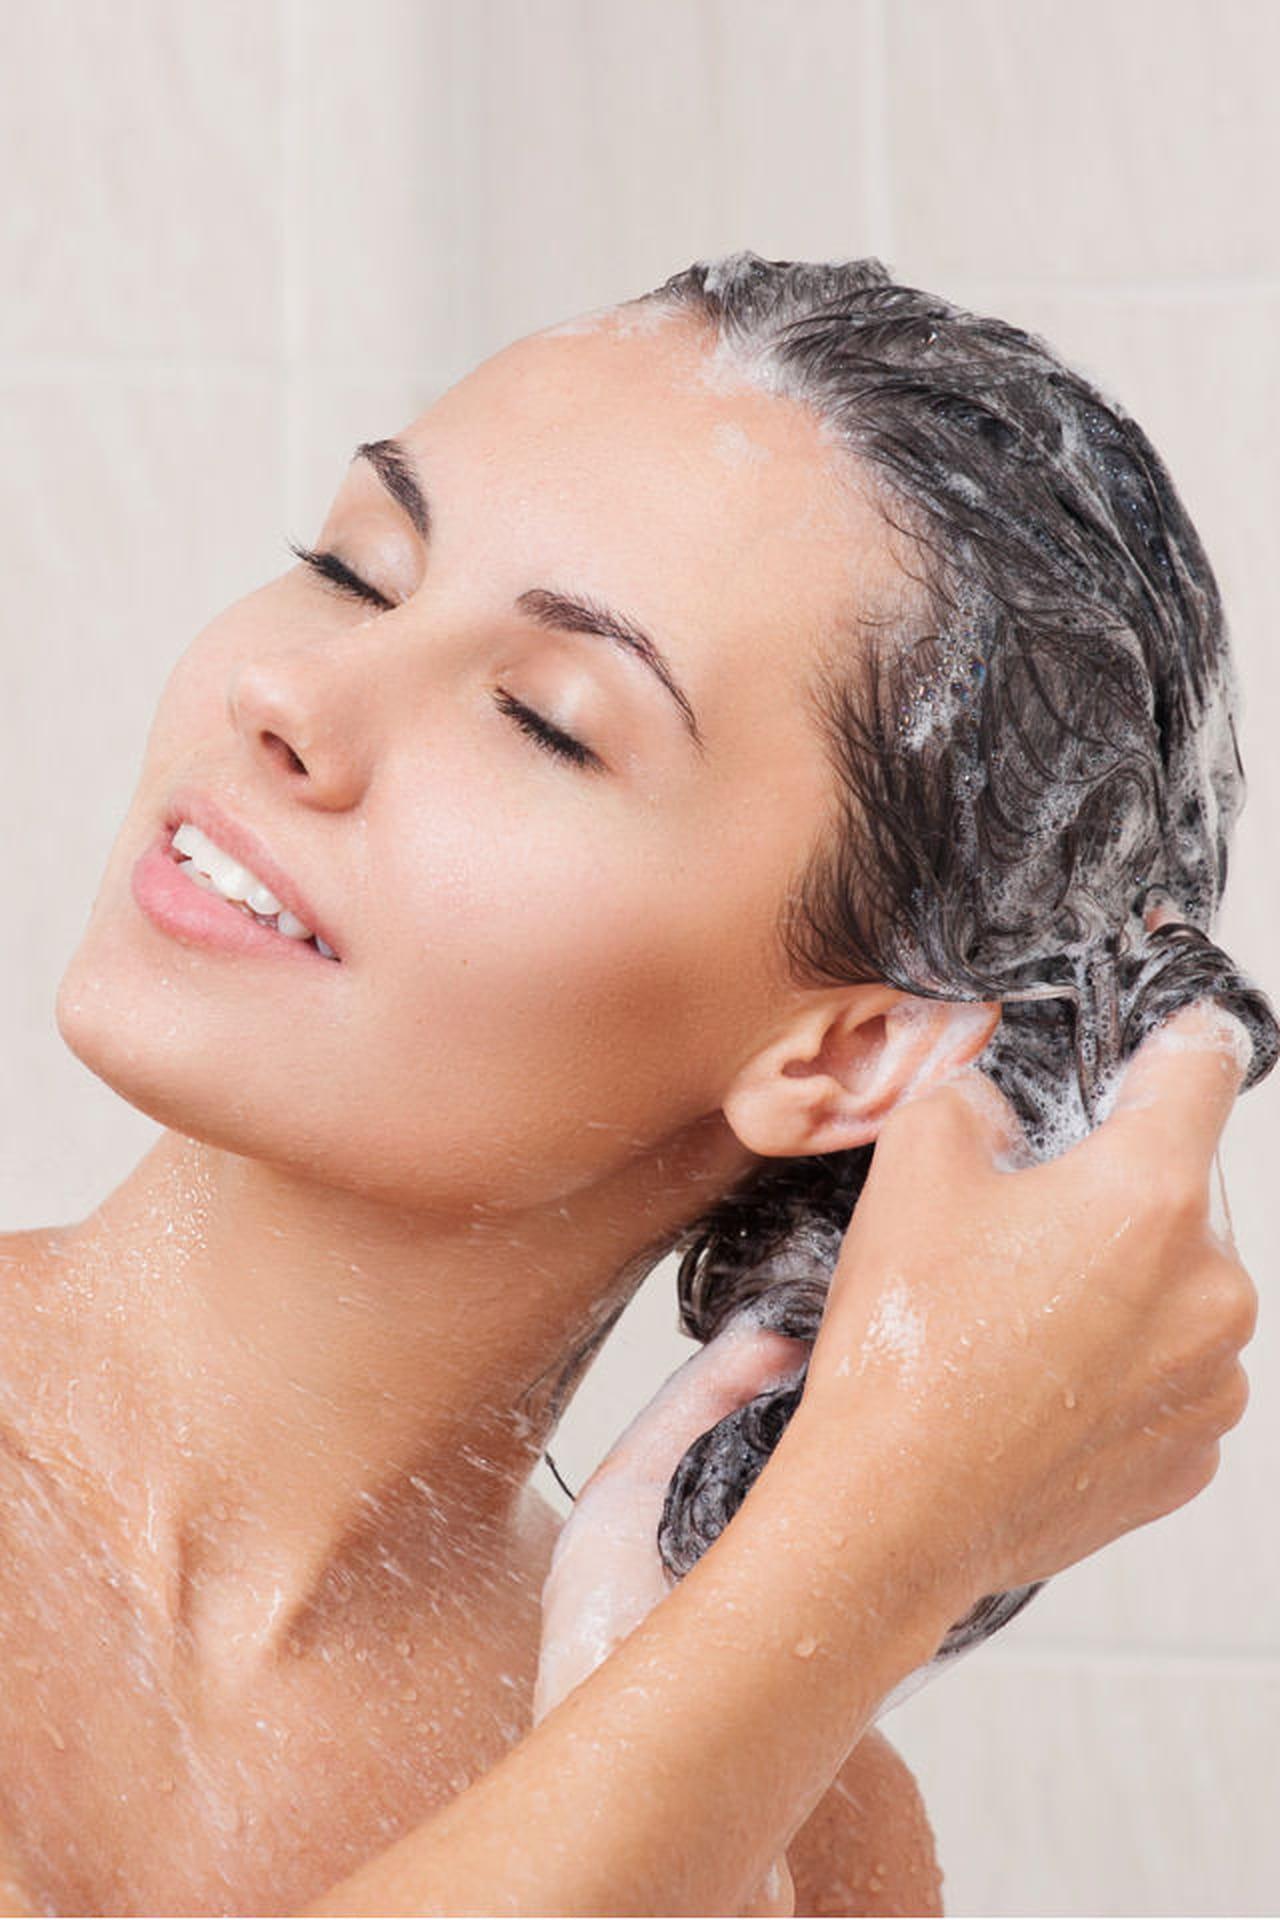 Acconciatura su abbandonando capelli